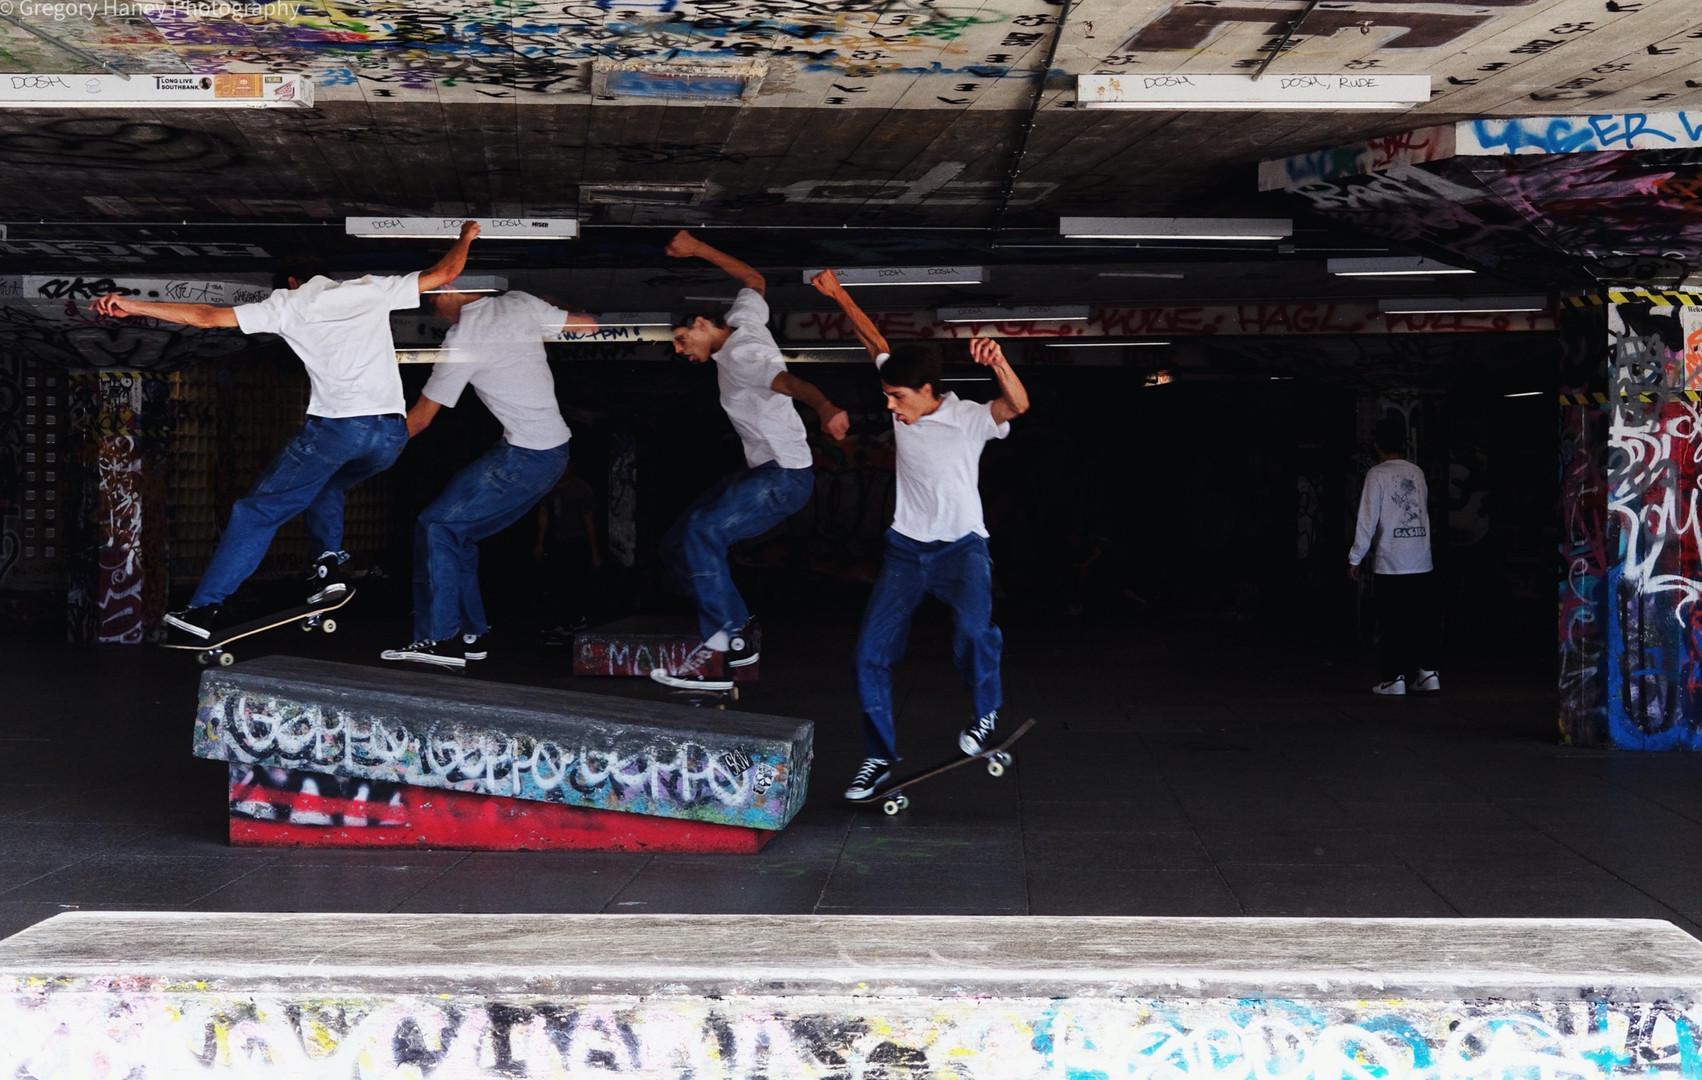 @skatepark.tv